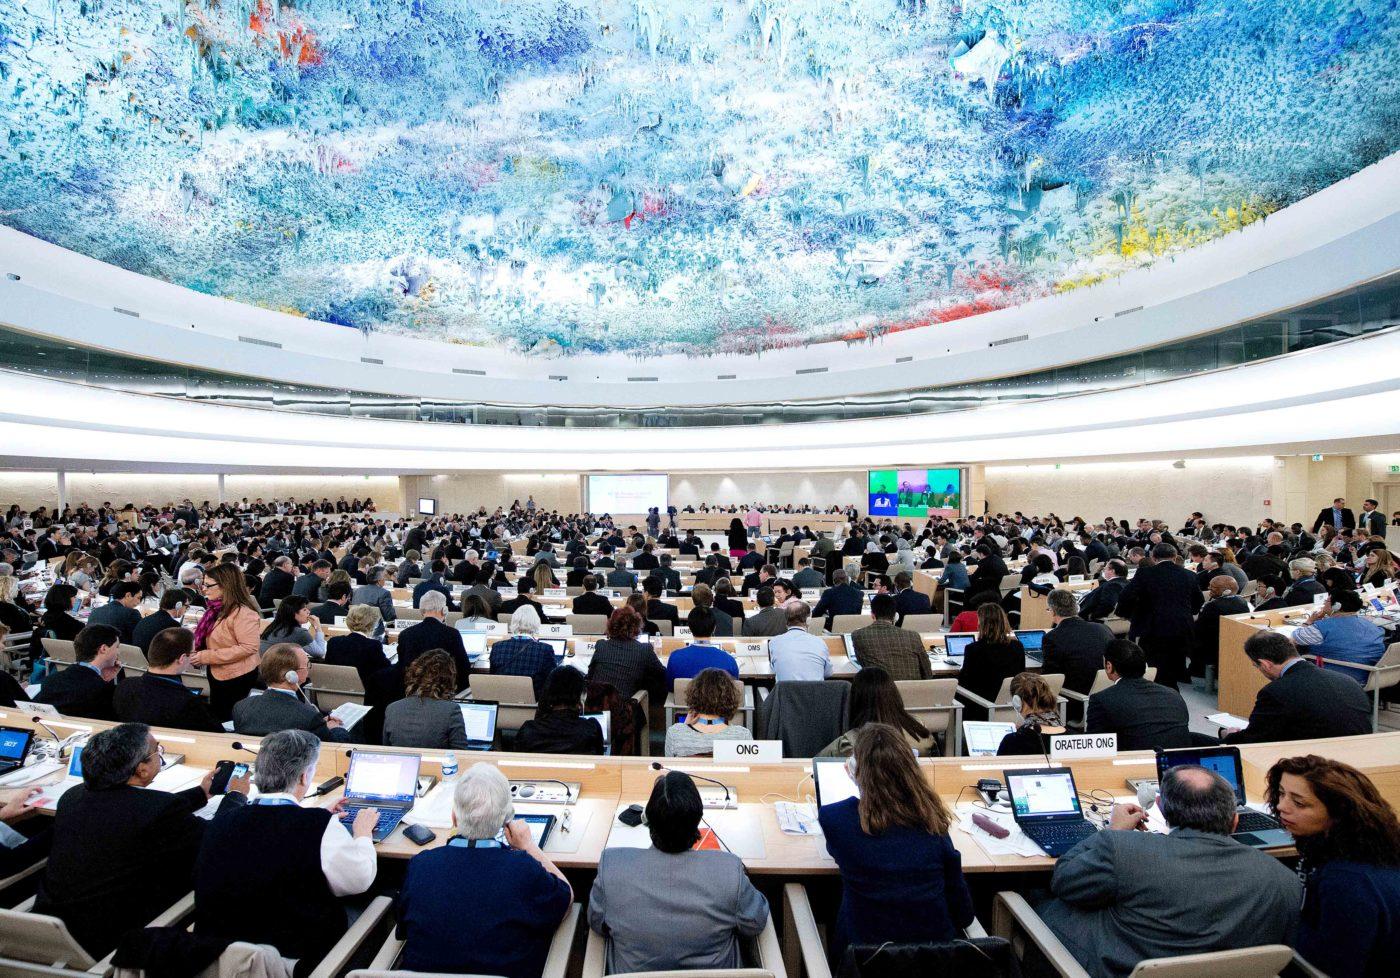 رسالة مشتركة: دعوة الأمم المتحدة لتجديد ولاية بعثة تقصي الحقائق في ليبيا